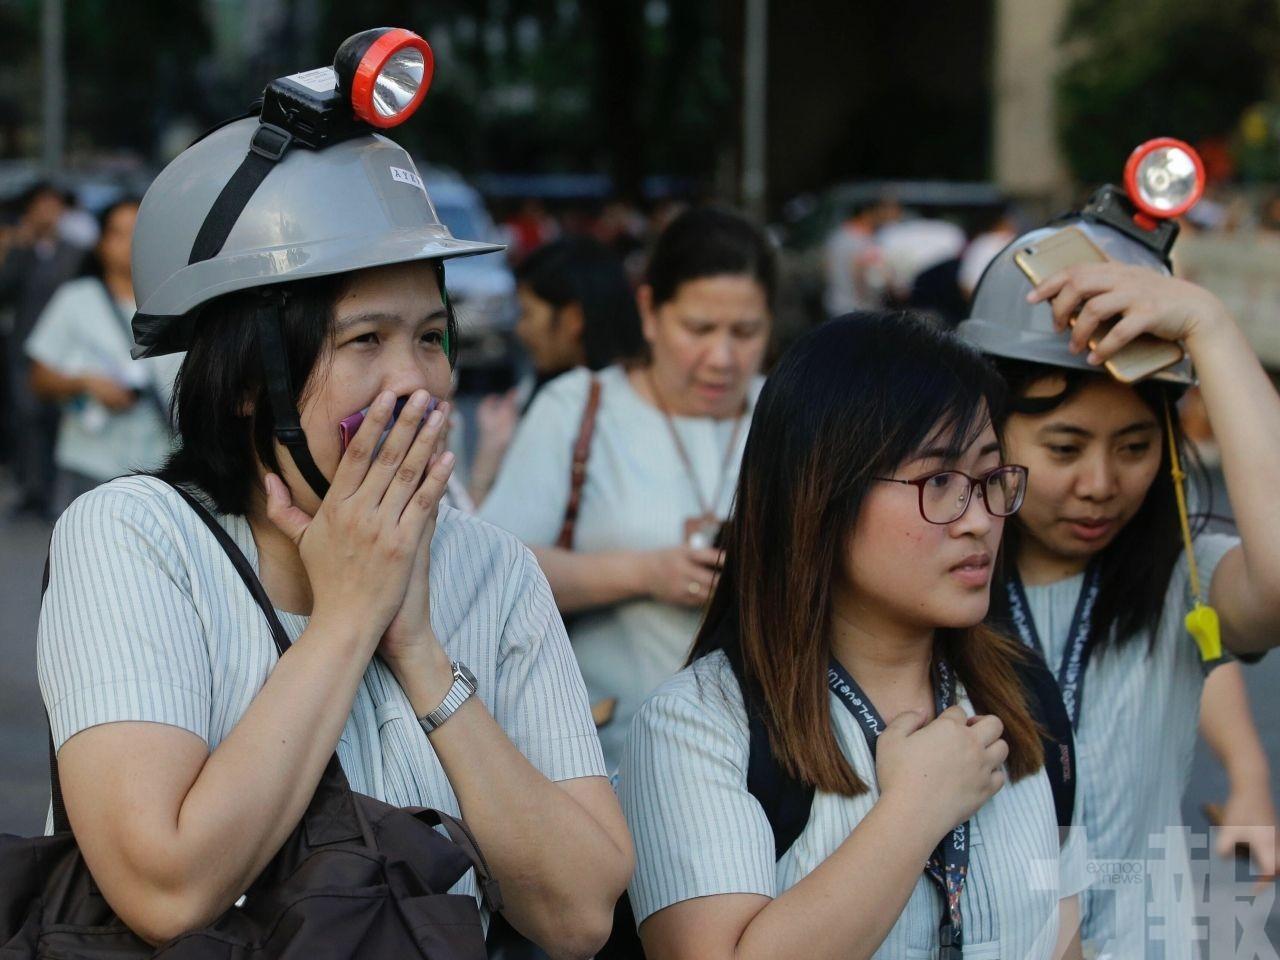 救援人員續搜索被困者